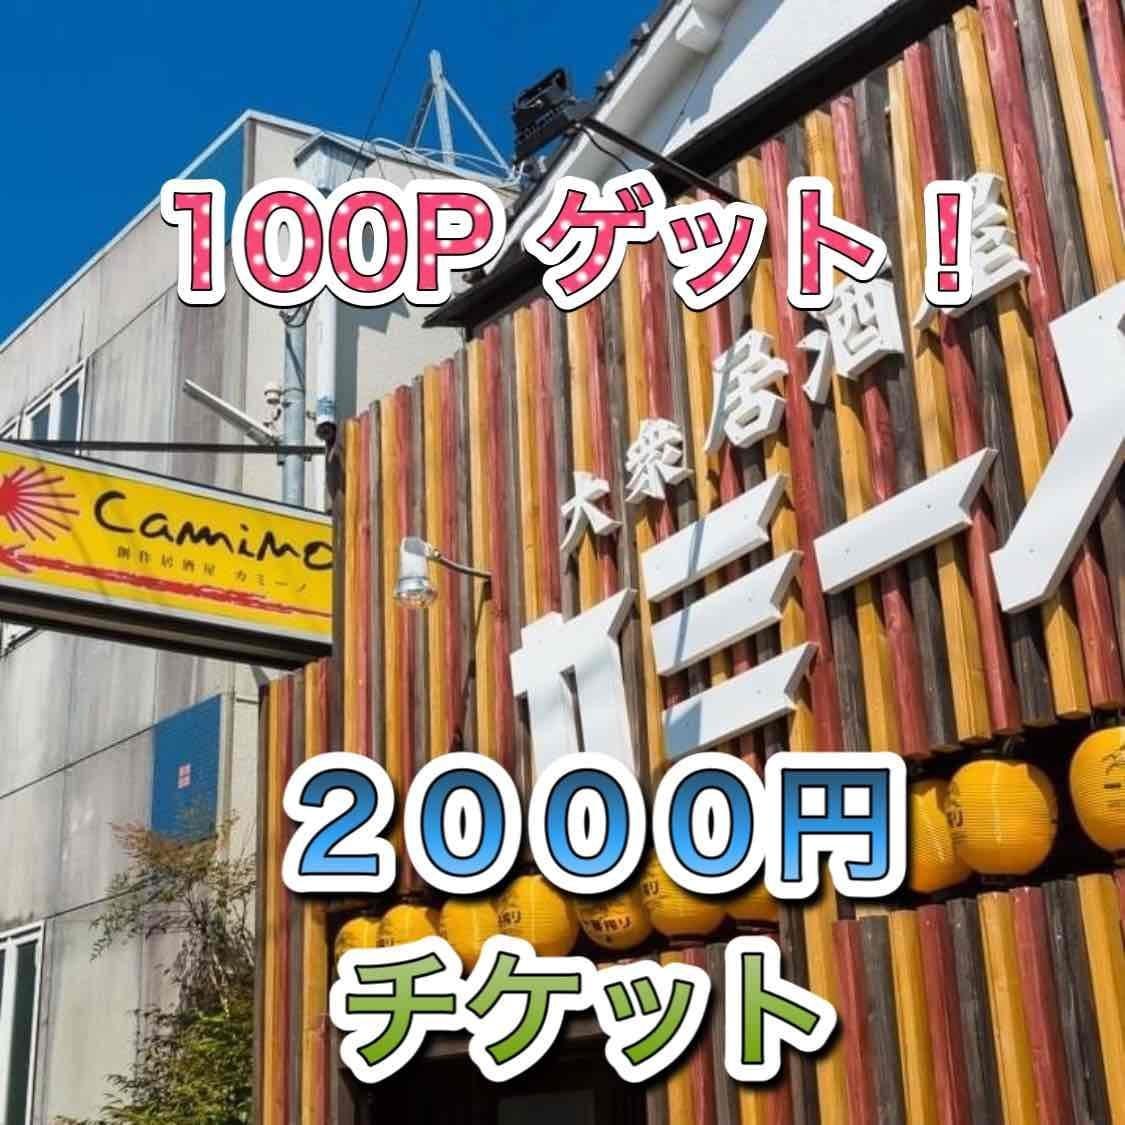 2000円チケット!のイメージその1